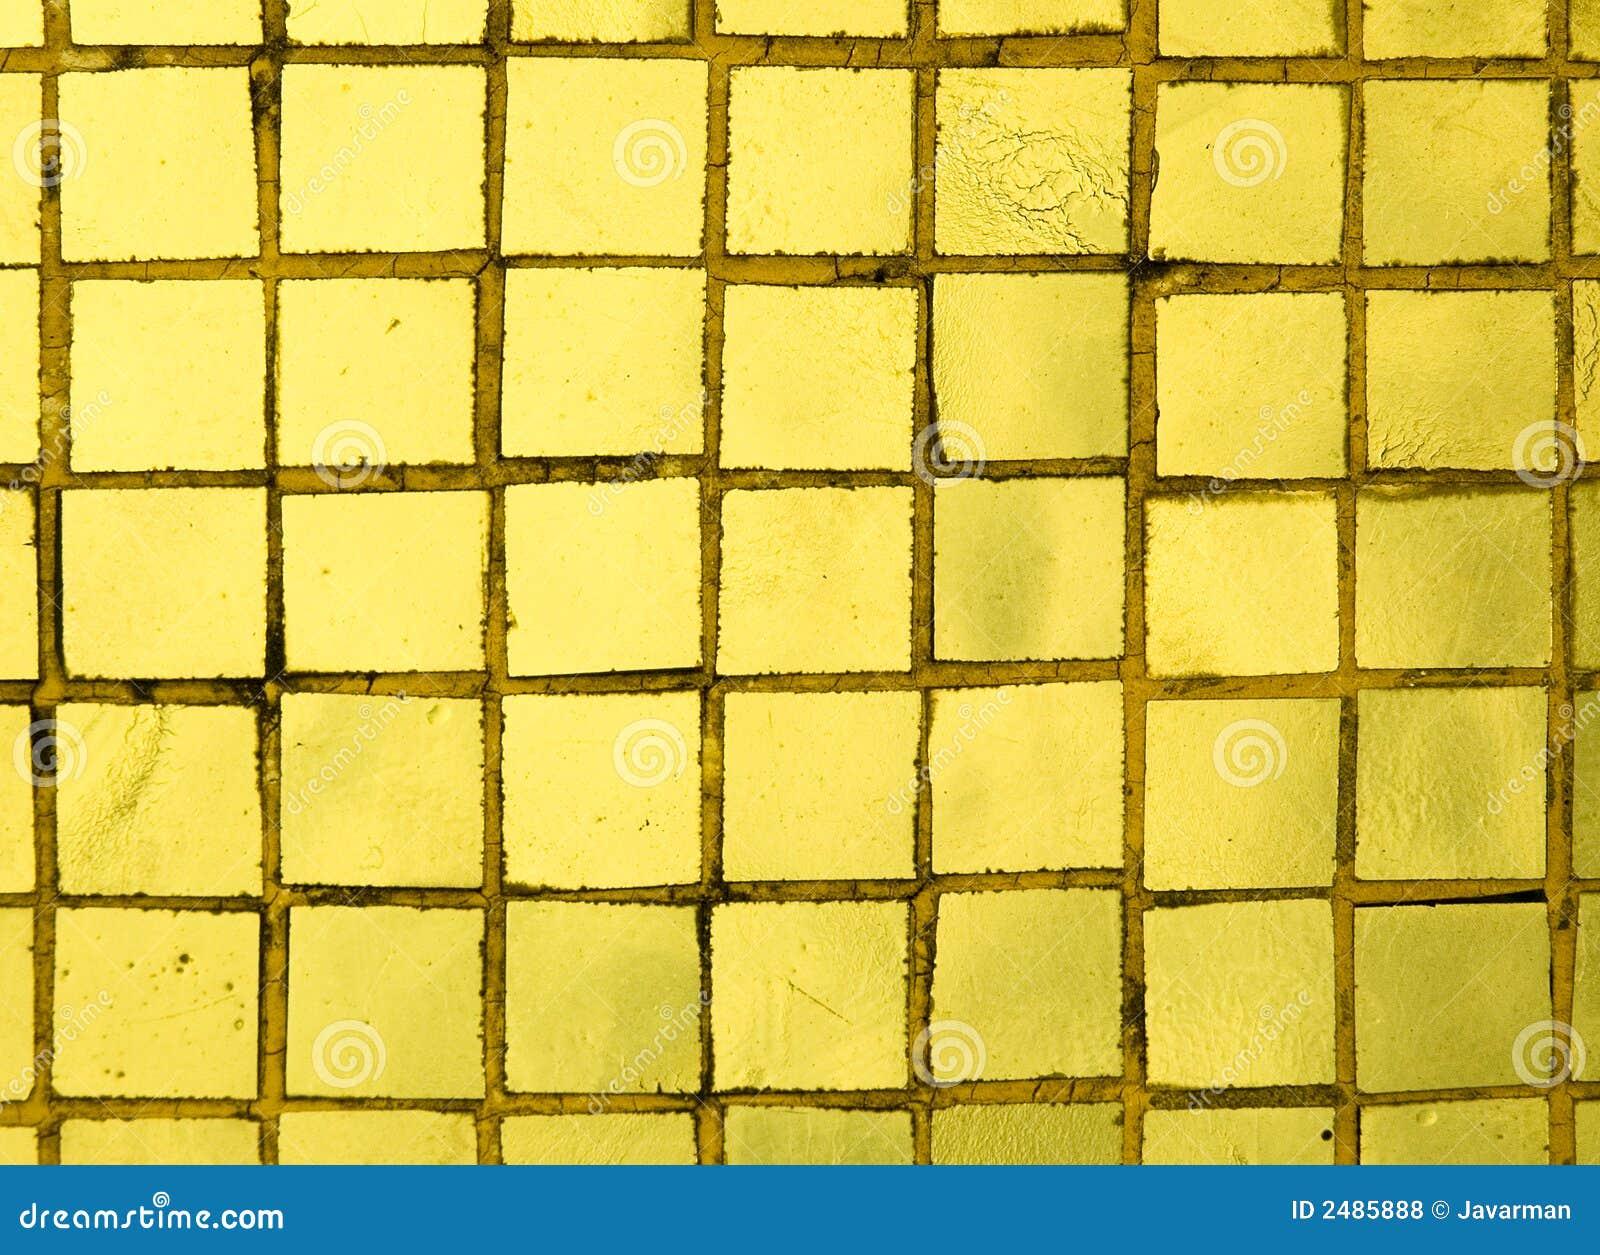 Goldene Fliesen stockfoto. Bild von dekoration, dach, quadrat - 2485888